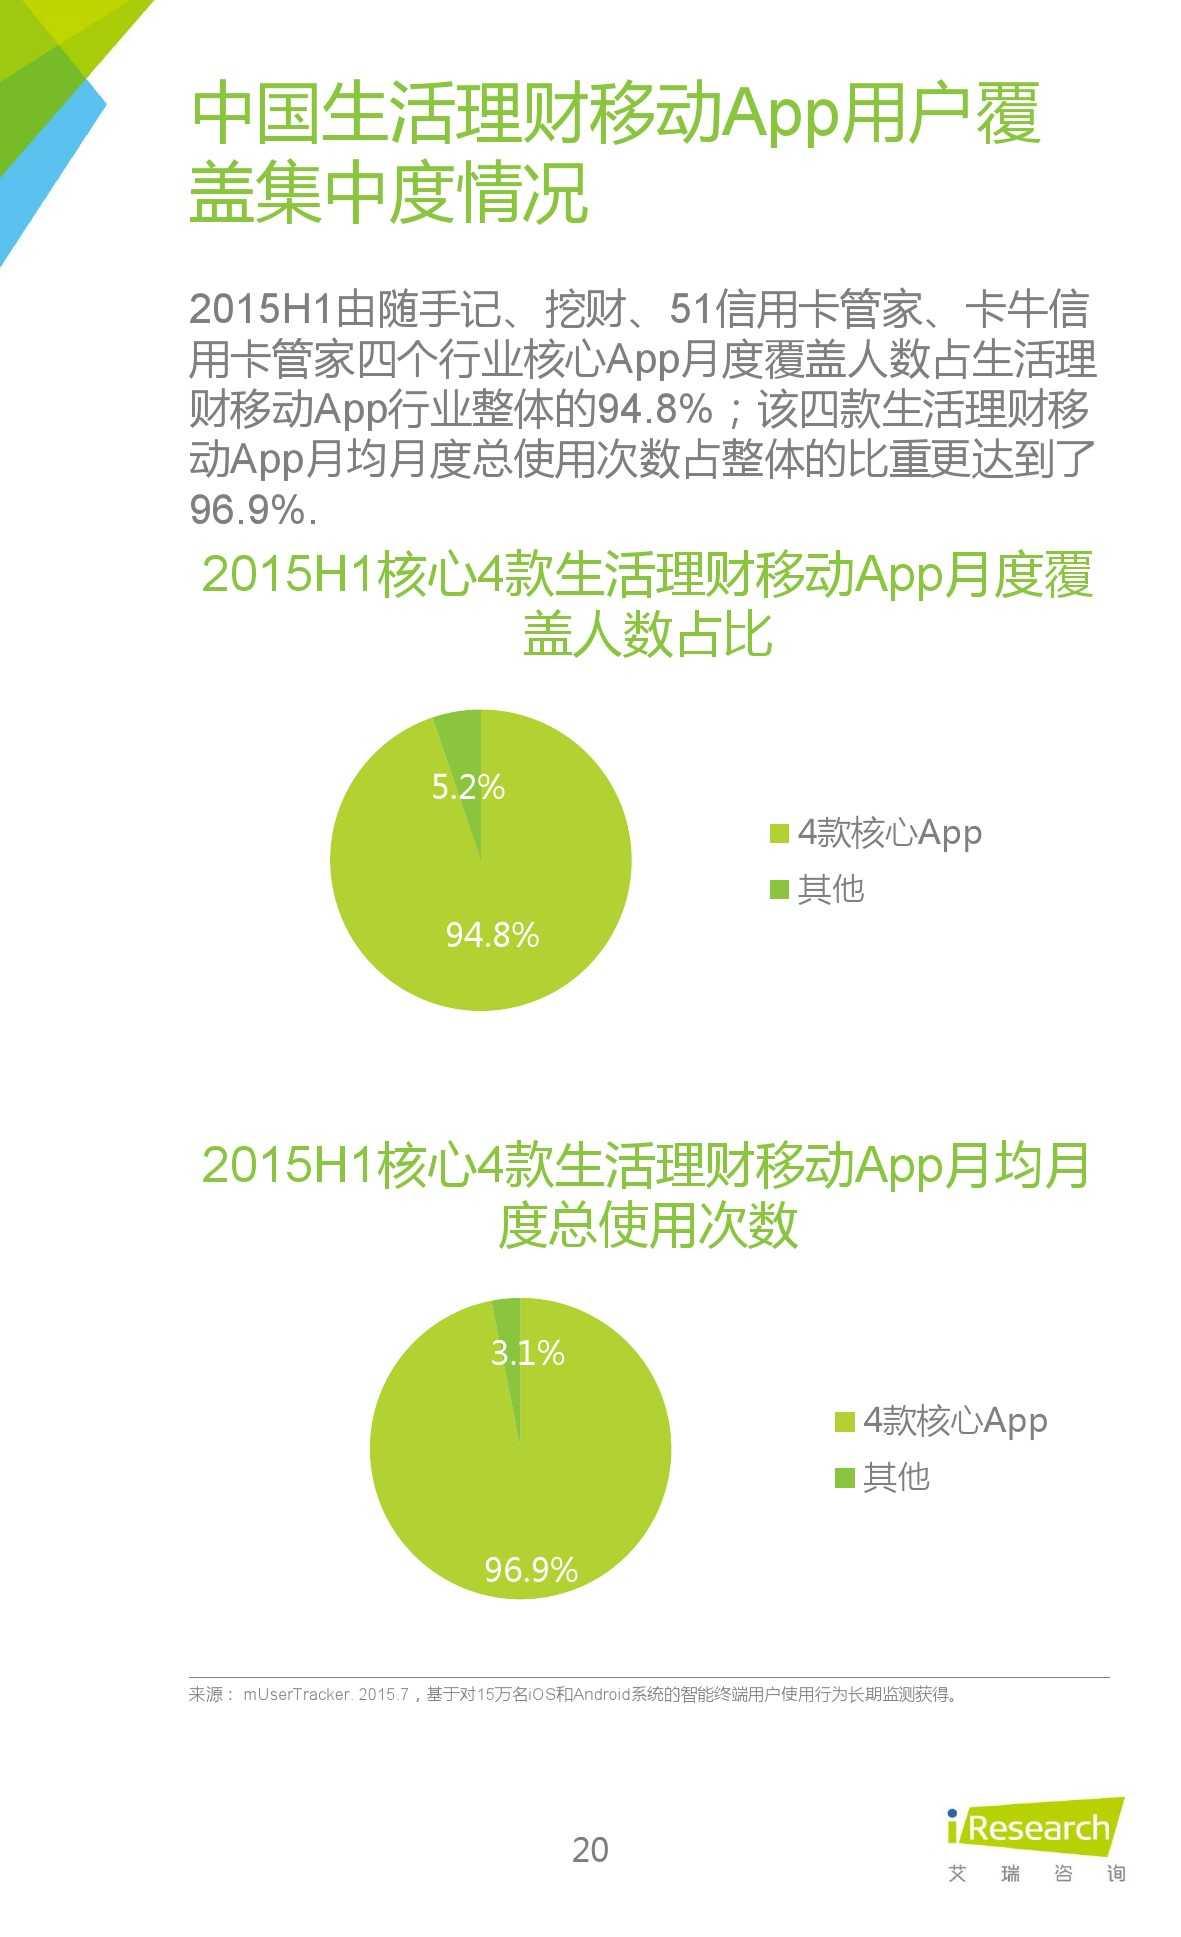 2015年中国生活理财移动App行业研究报告_000020